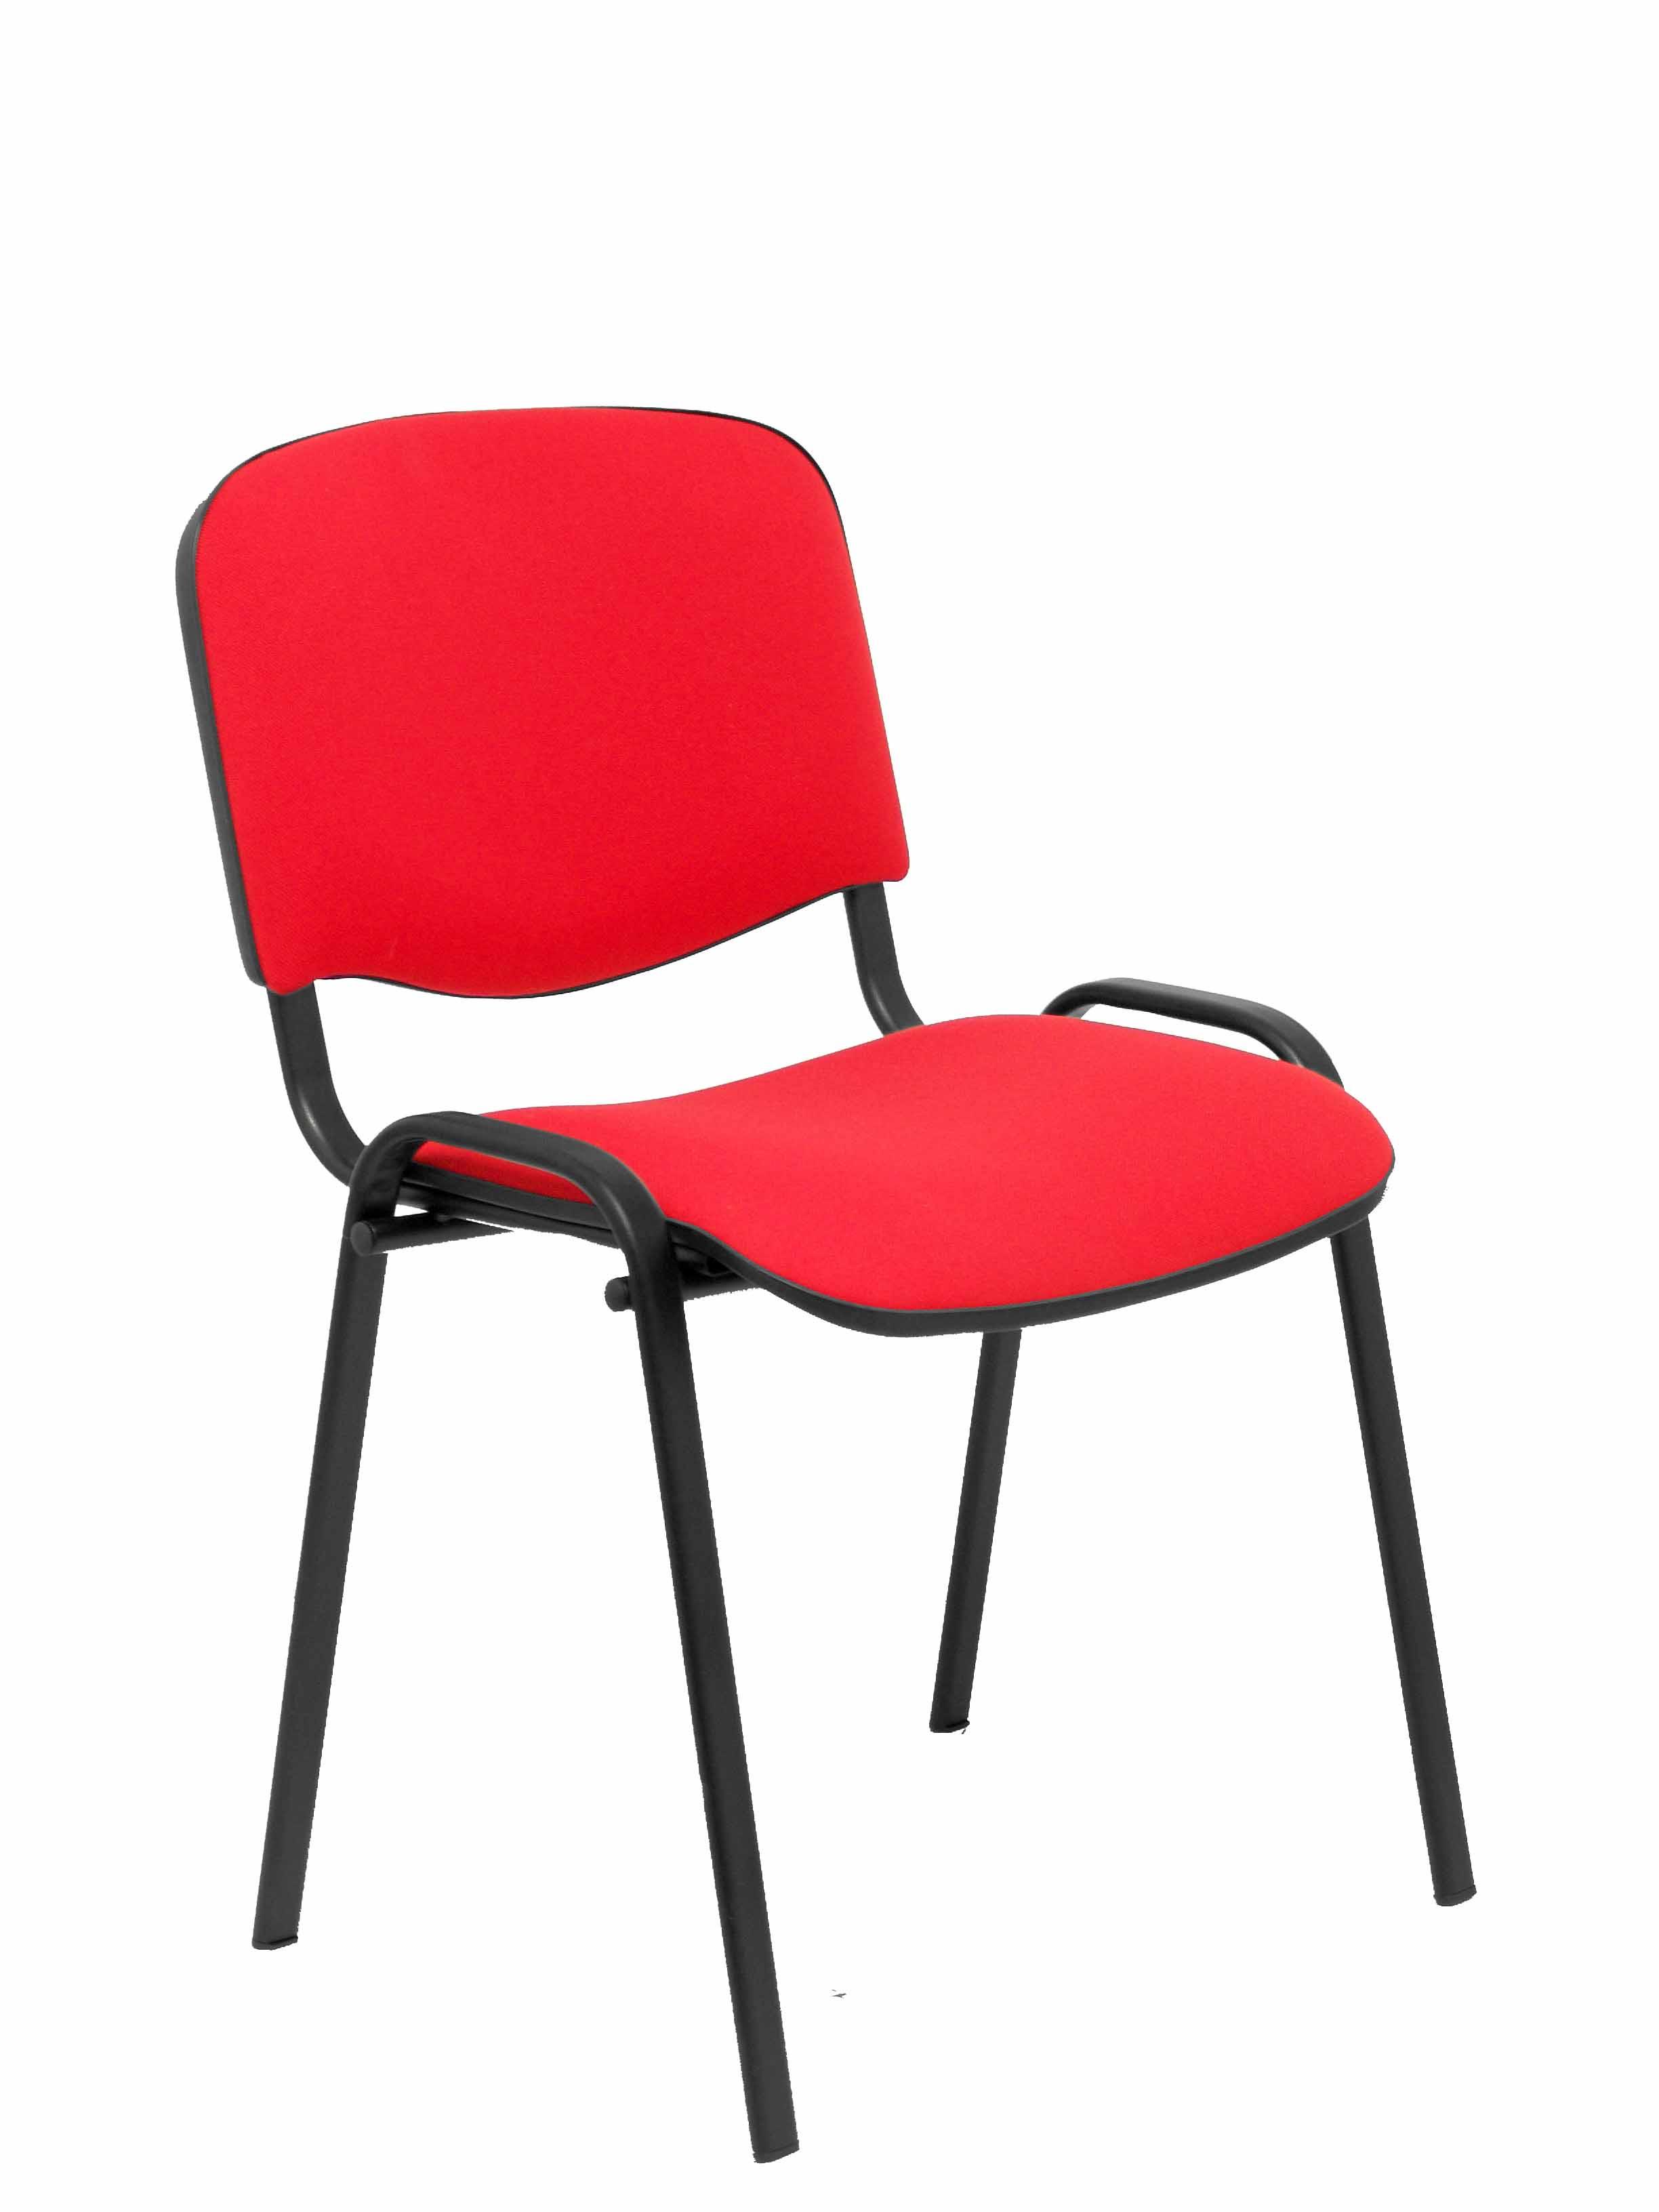 Pack 4 sillas Alcaraz arán rojo